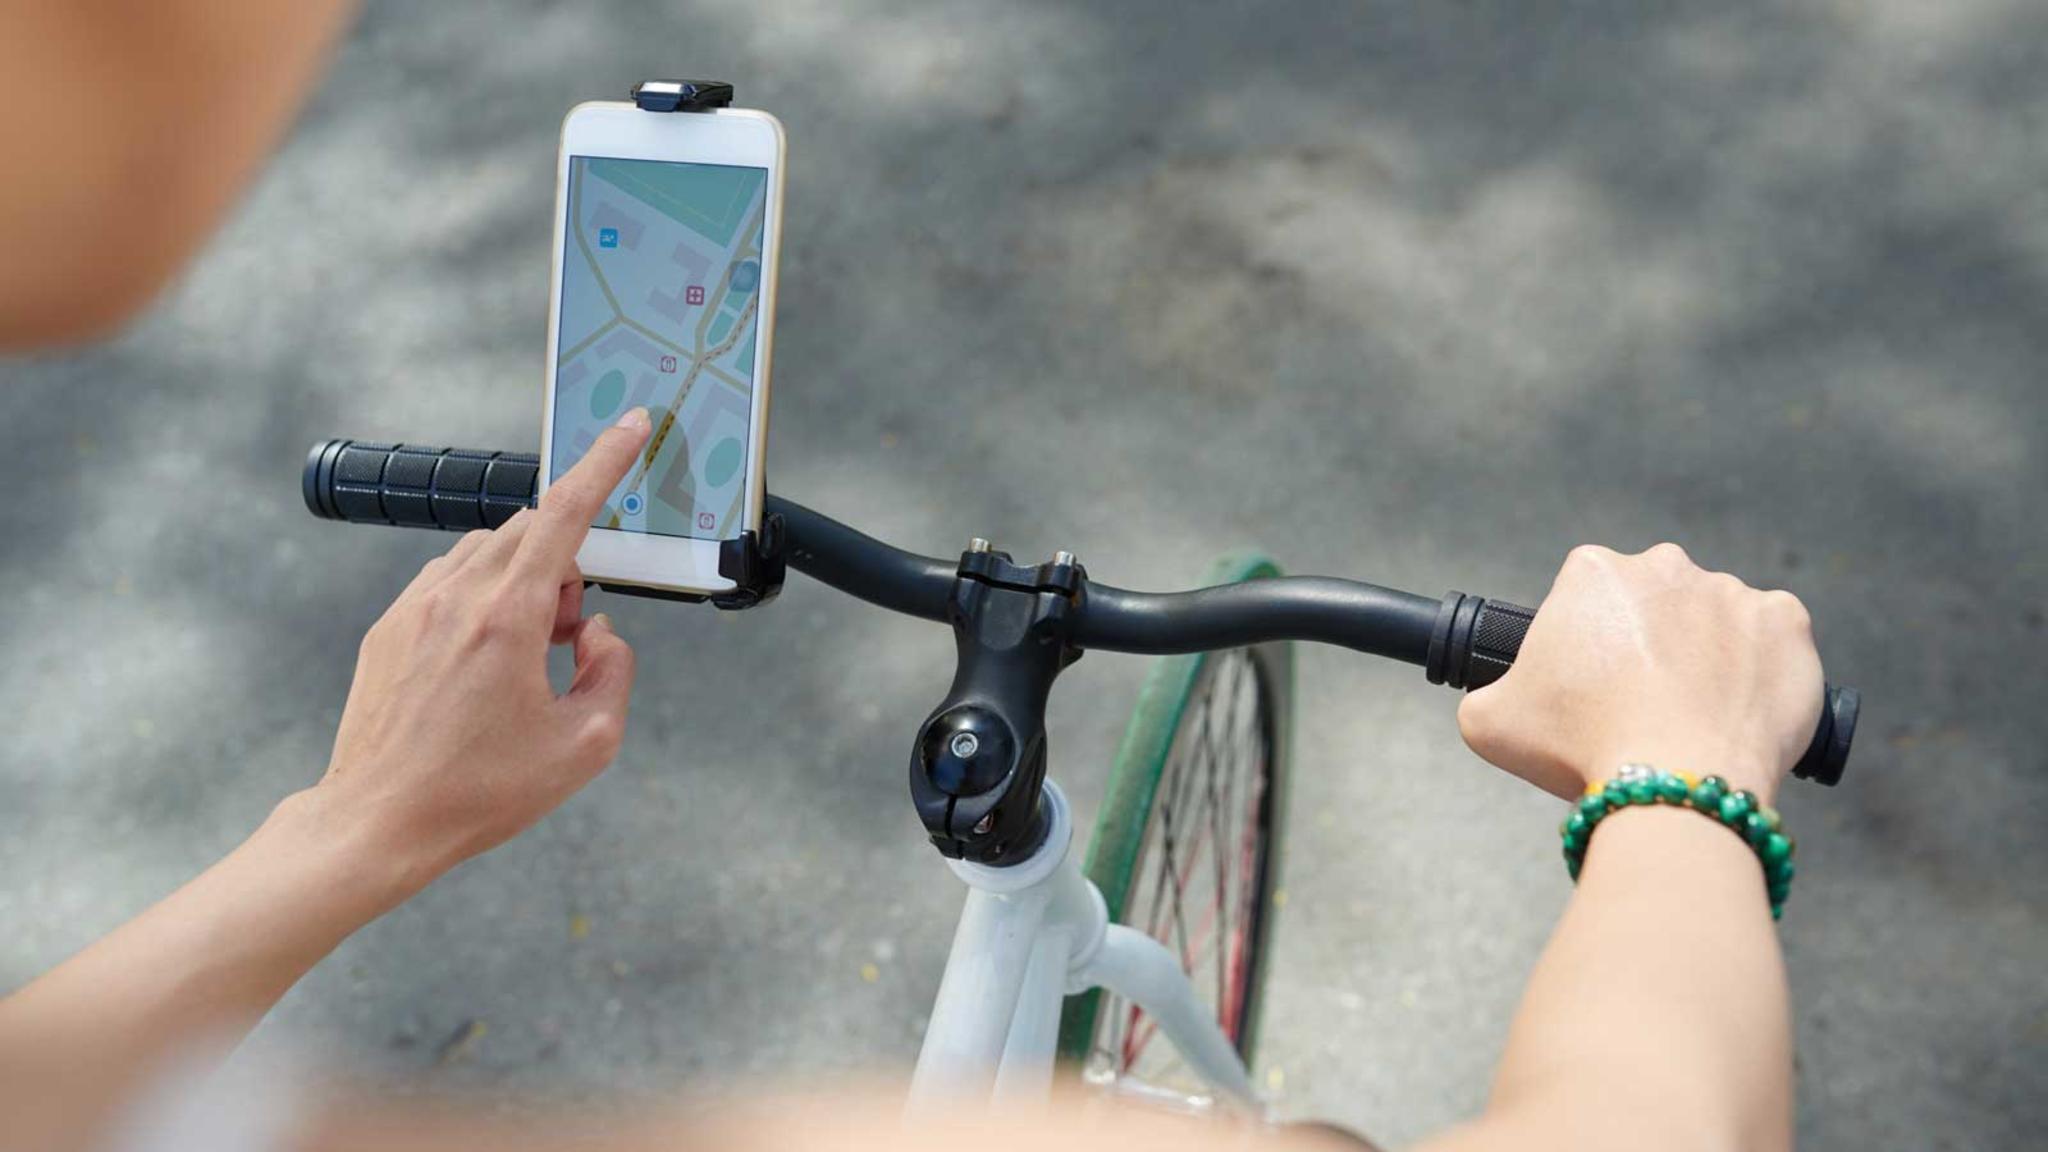 Beim Berechnen der Route muss der Fahrrad-Modus eingestellt werden.